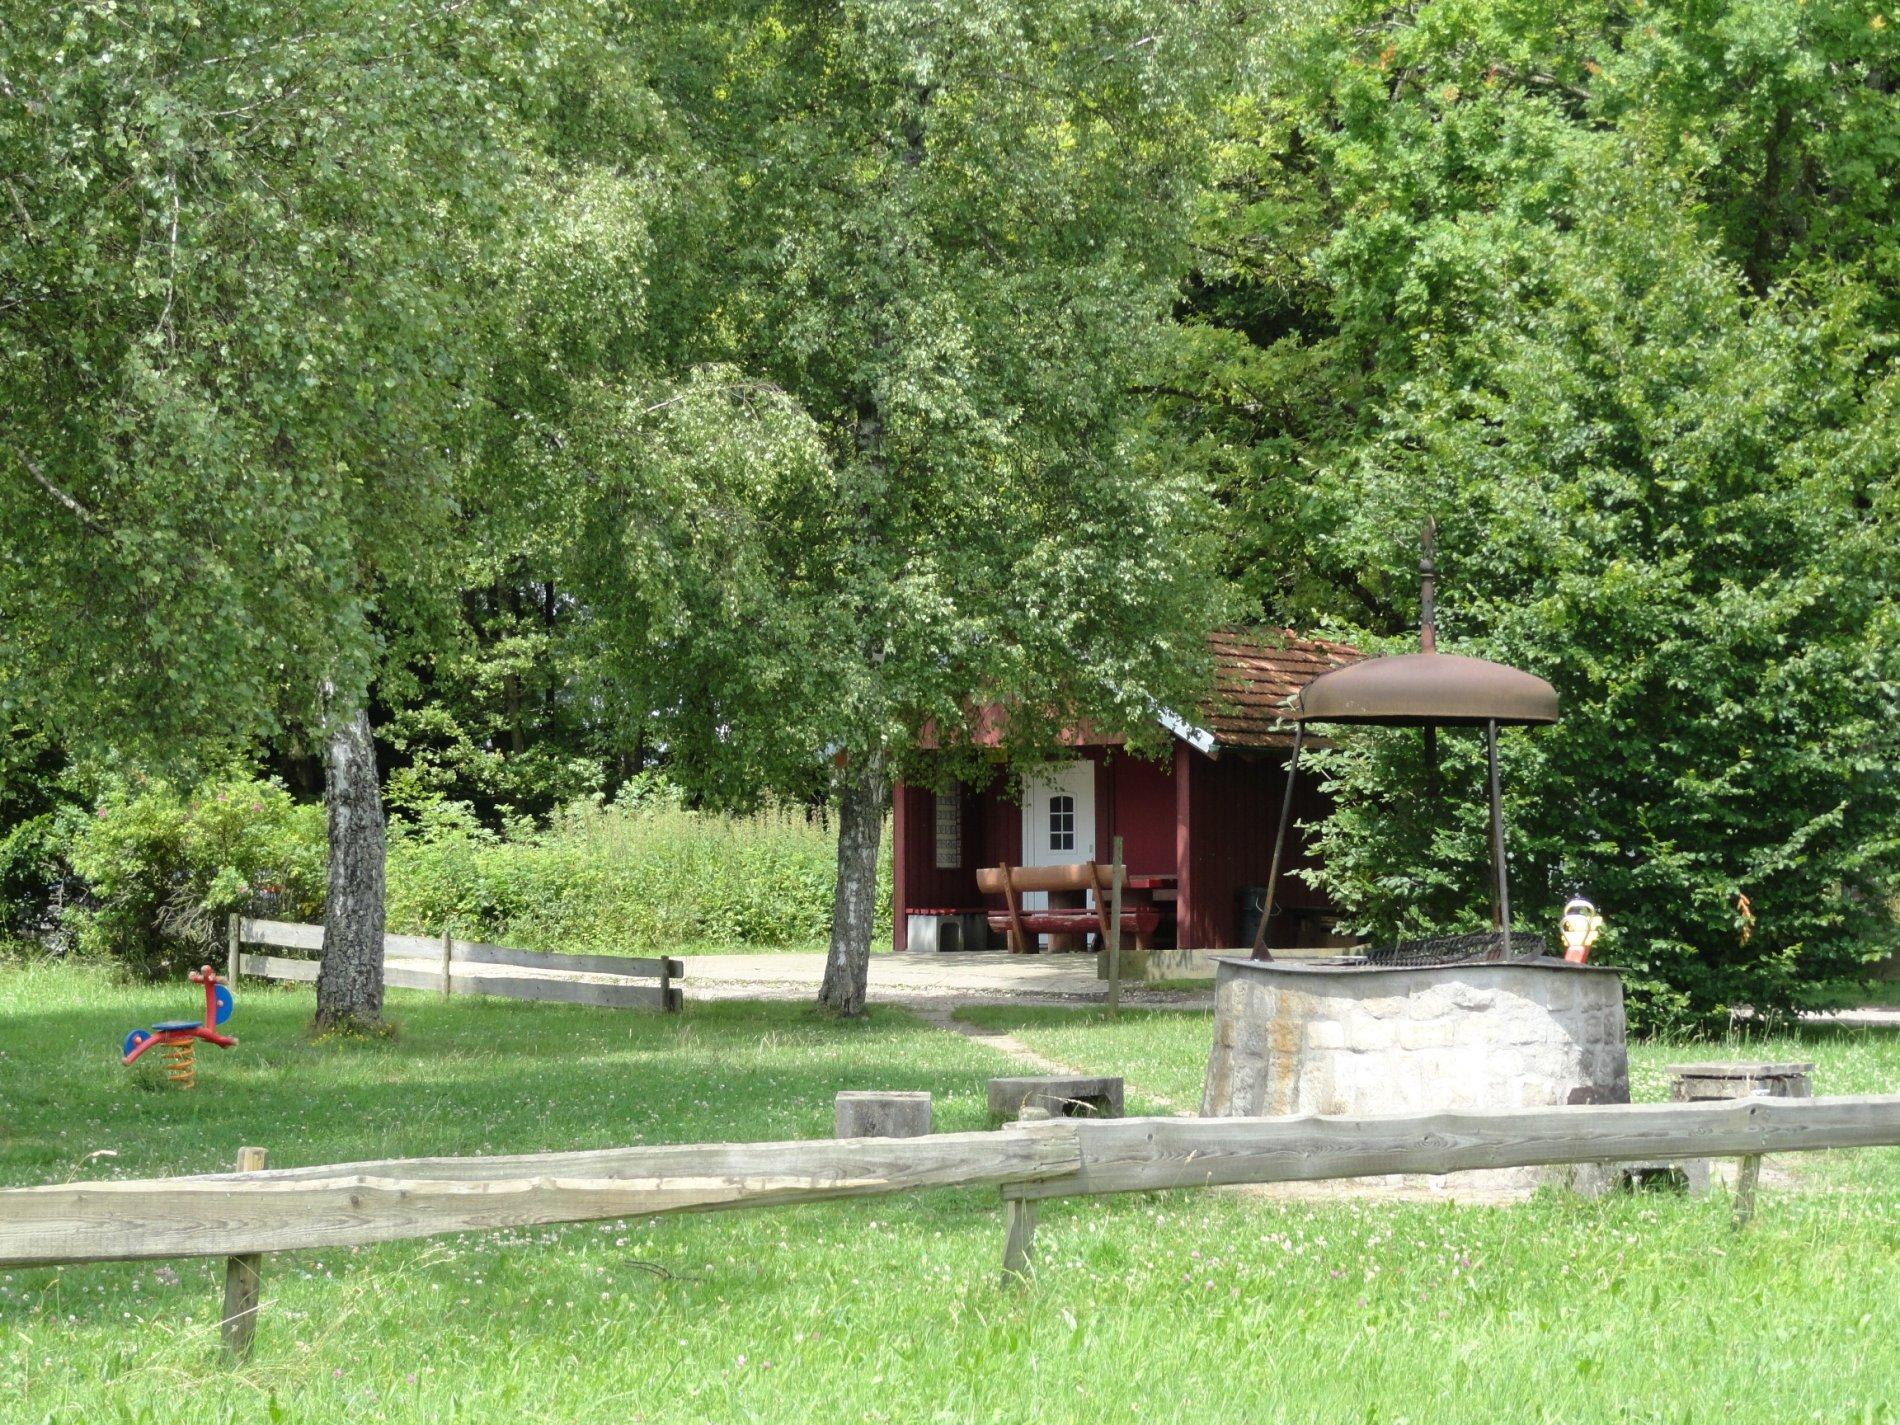 Grillplatz mit Hütte und Spielgeräten